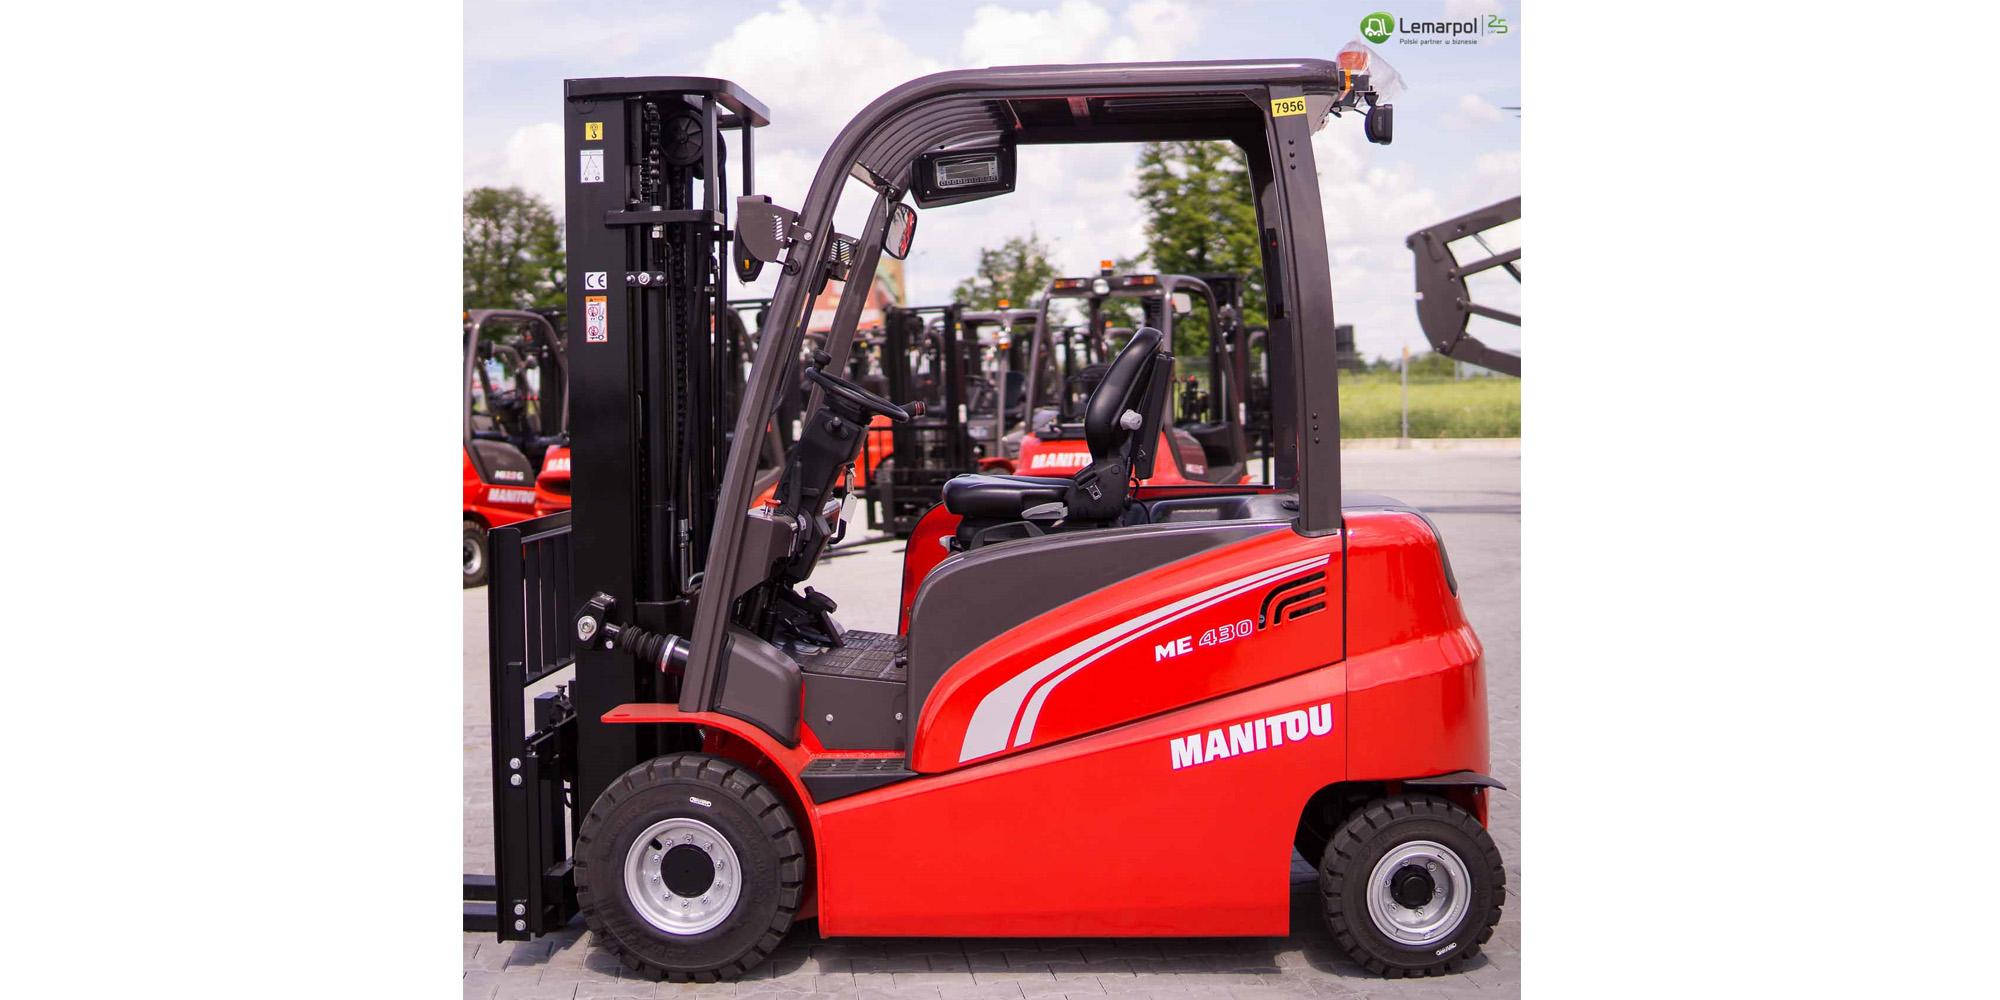 Wózek widłowy elektryczny Manitou ME 430